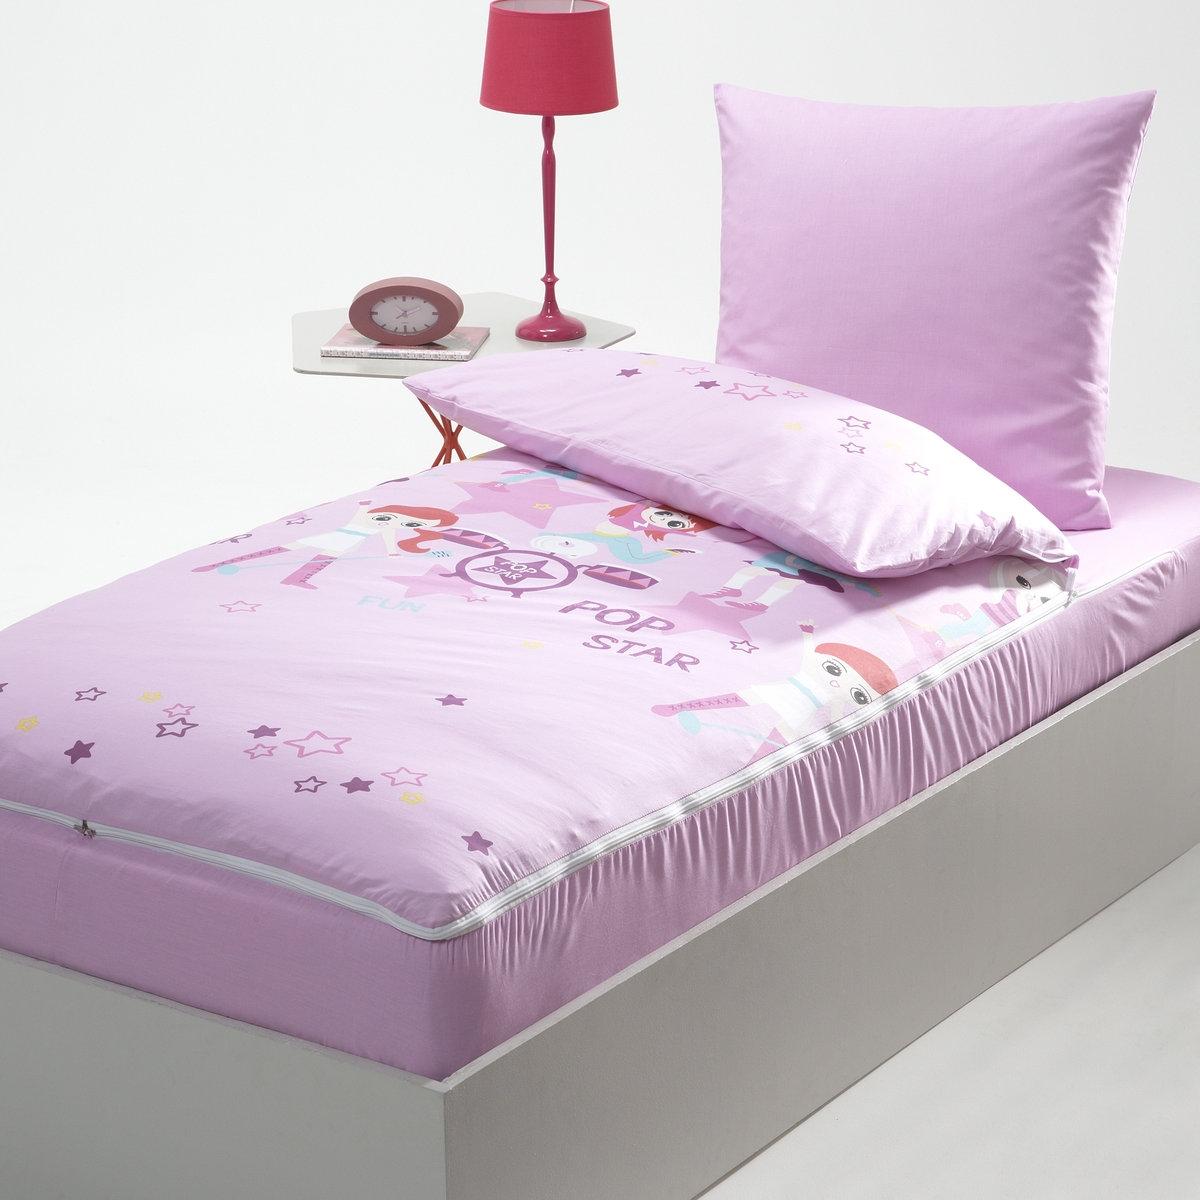 Комплект постельный без одеяла из серии готов ко сну, Pop Star